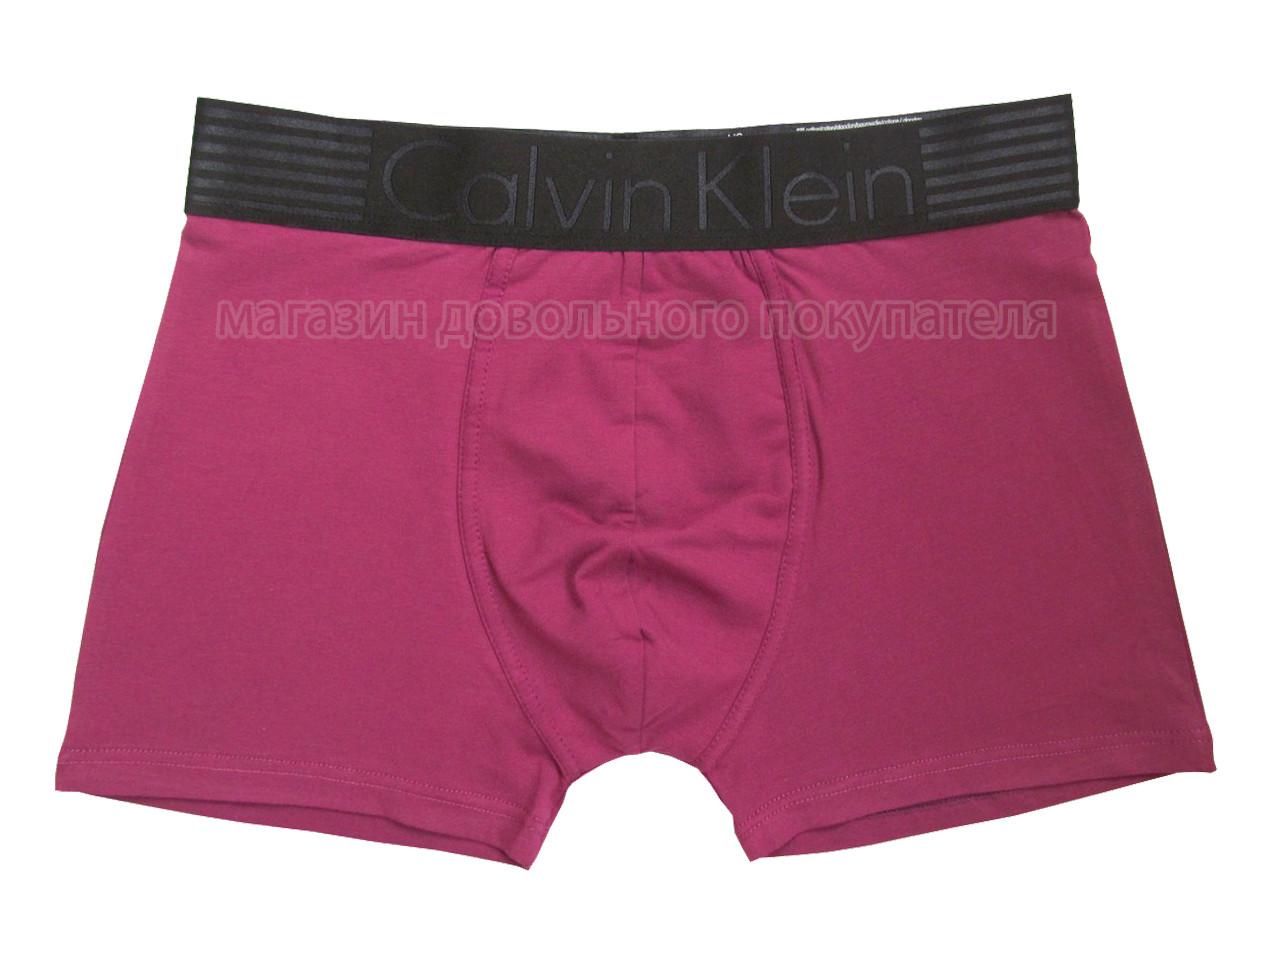 Мужские трусы боксёры Calvin Klein Iron (реплика) фиолетовые с черным поясом